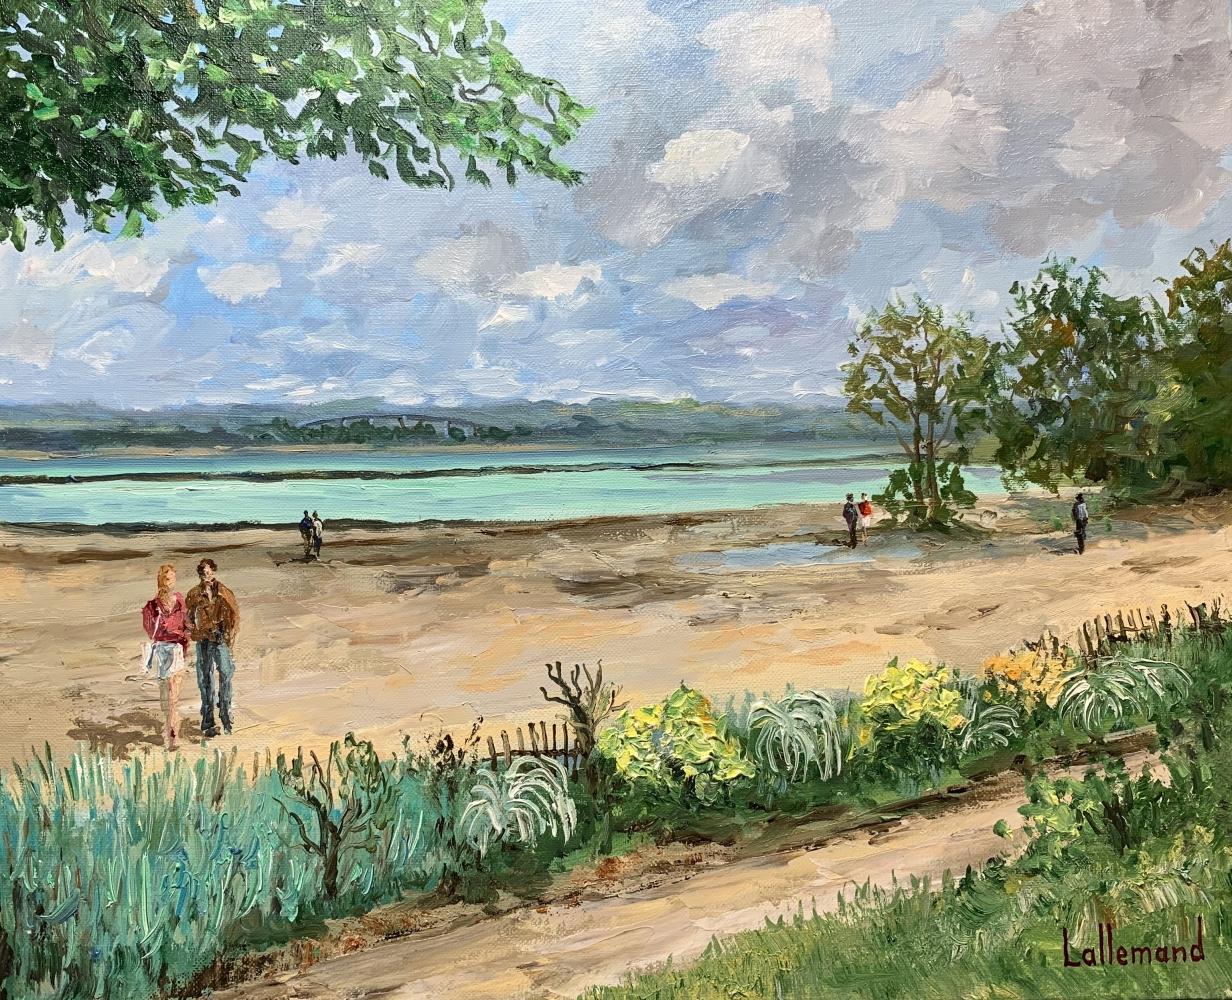 La plage retrouvée